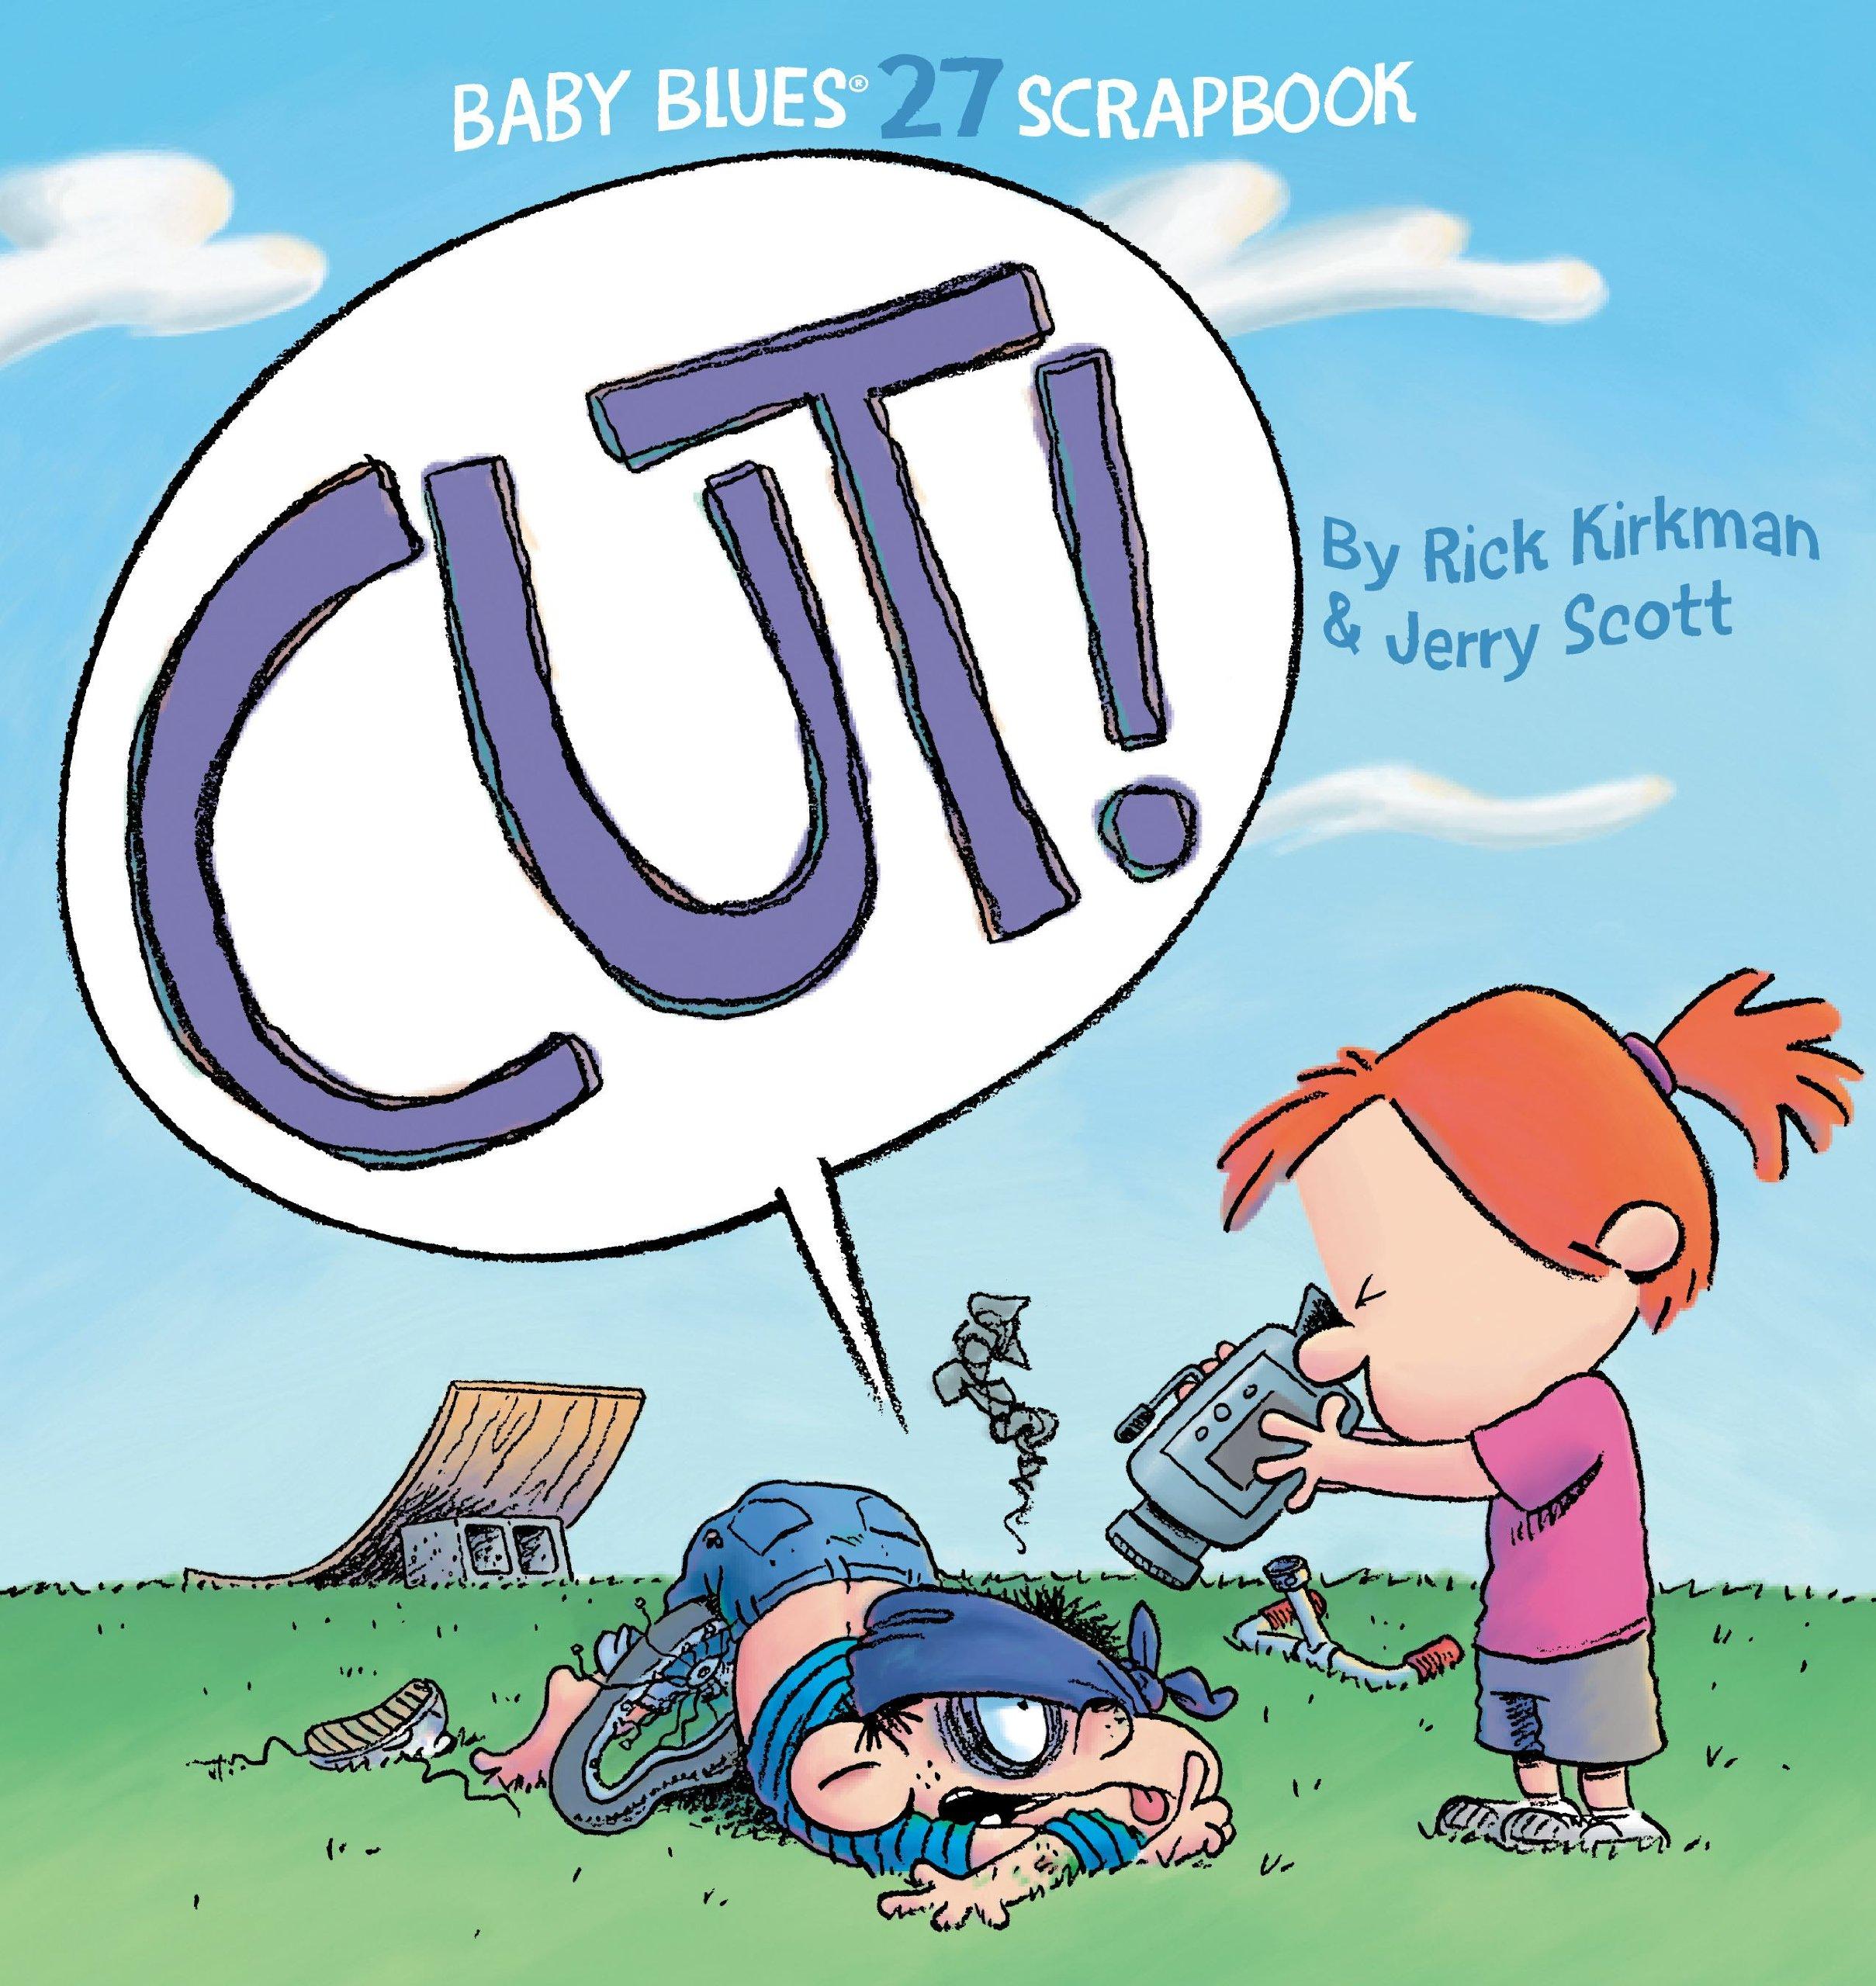 Cut! (Baby Blues Scrapbook): Amazon.es: Rick Kirkman, Jerry Scott: Libros en idiomas extranjeros